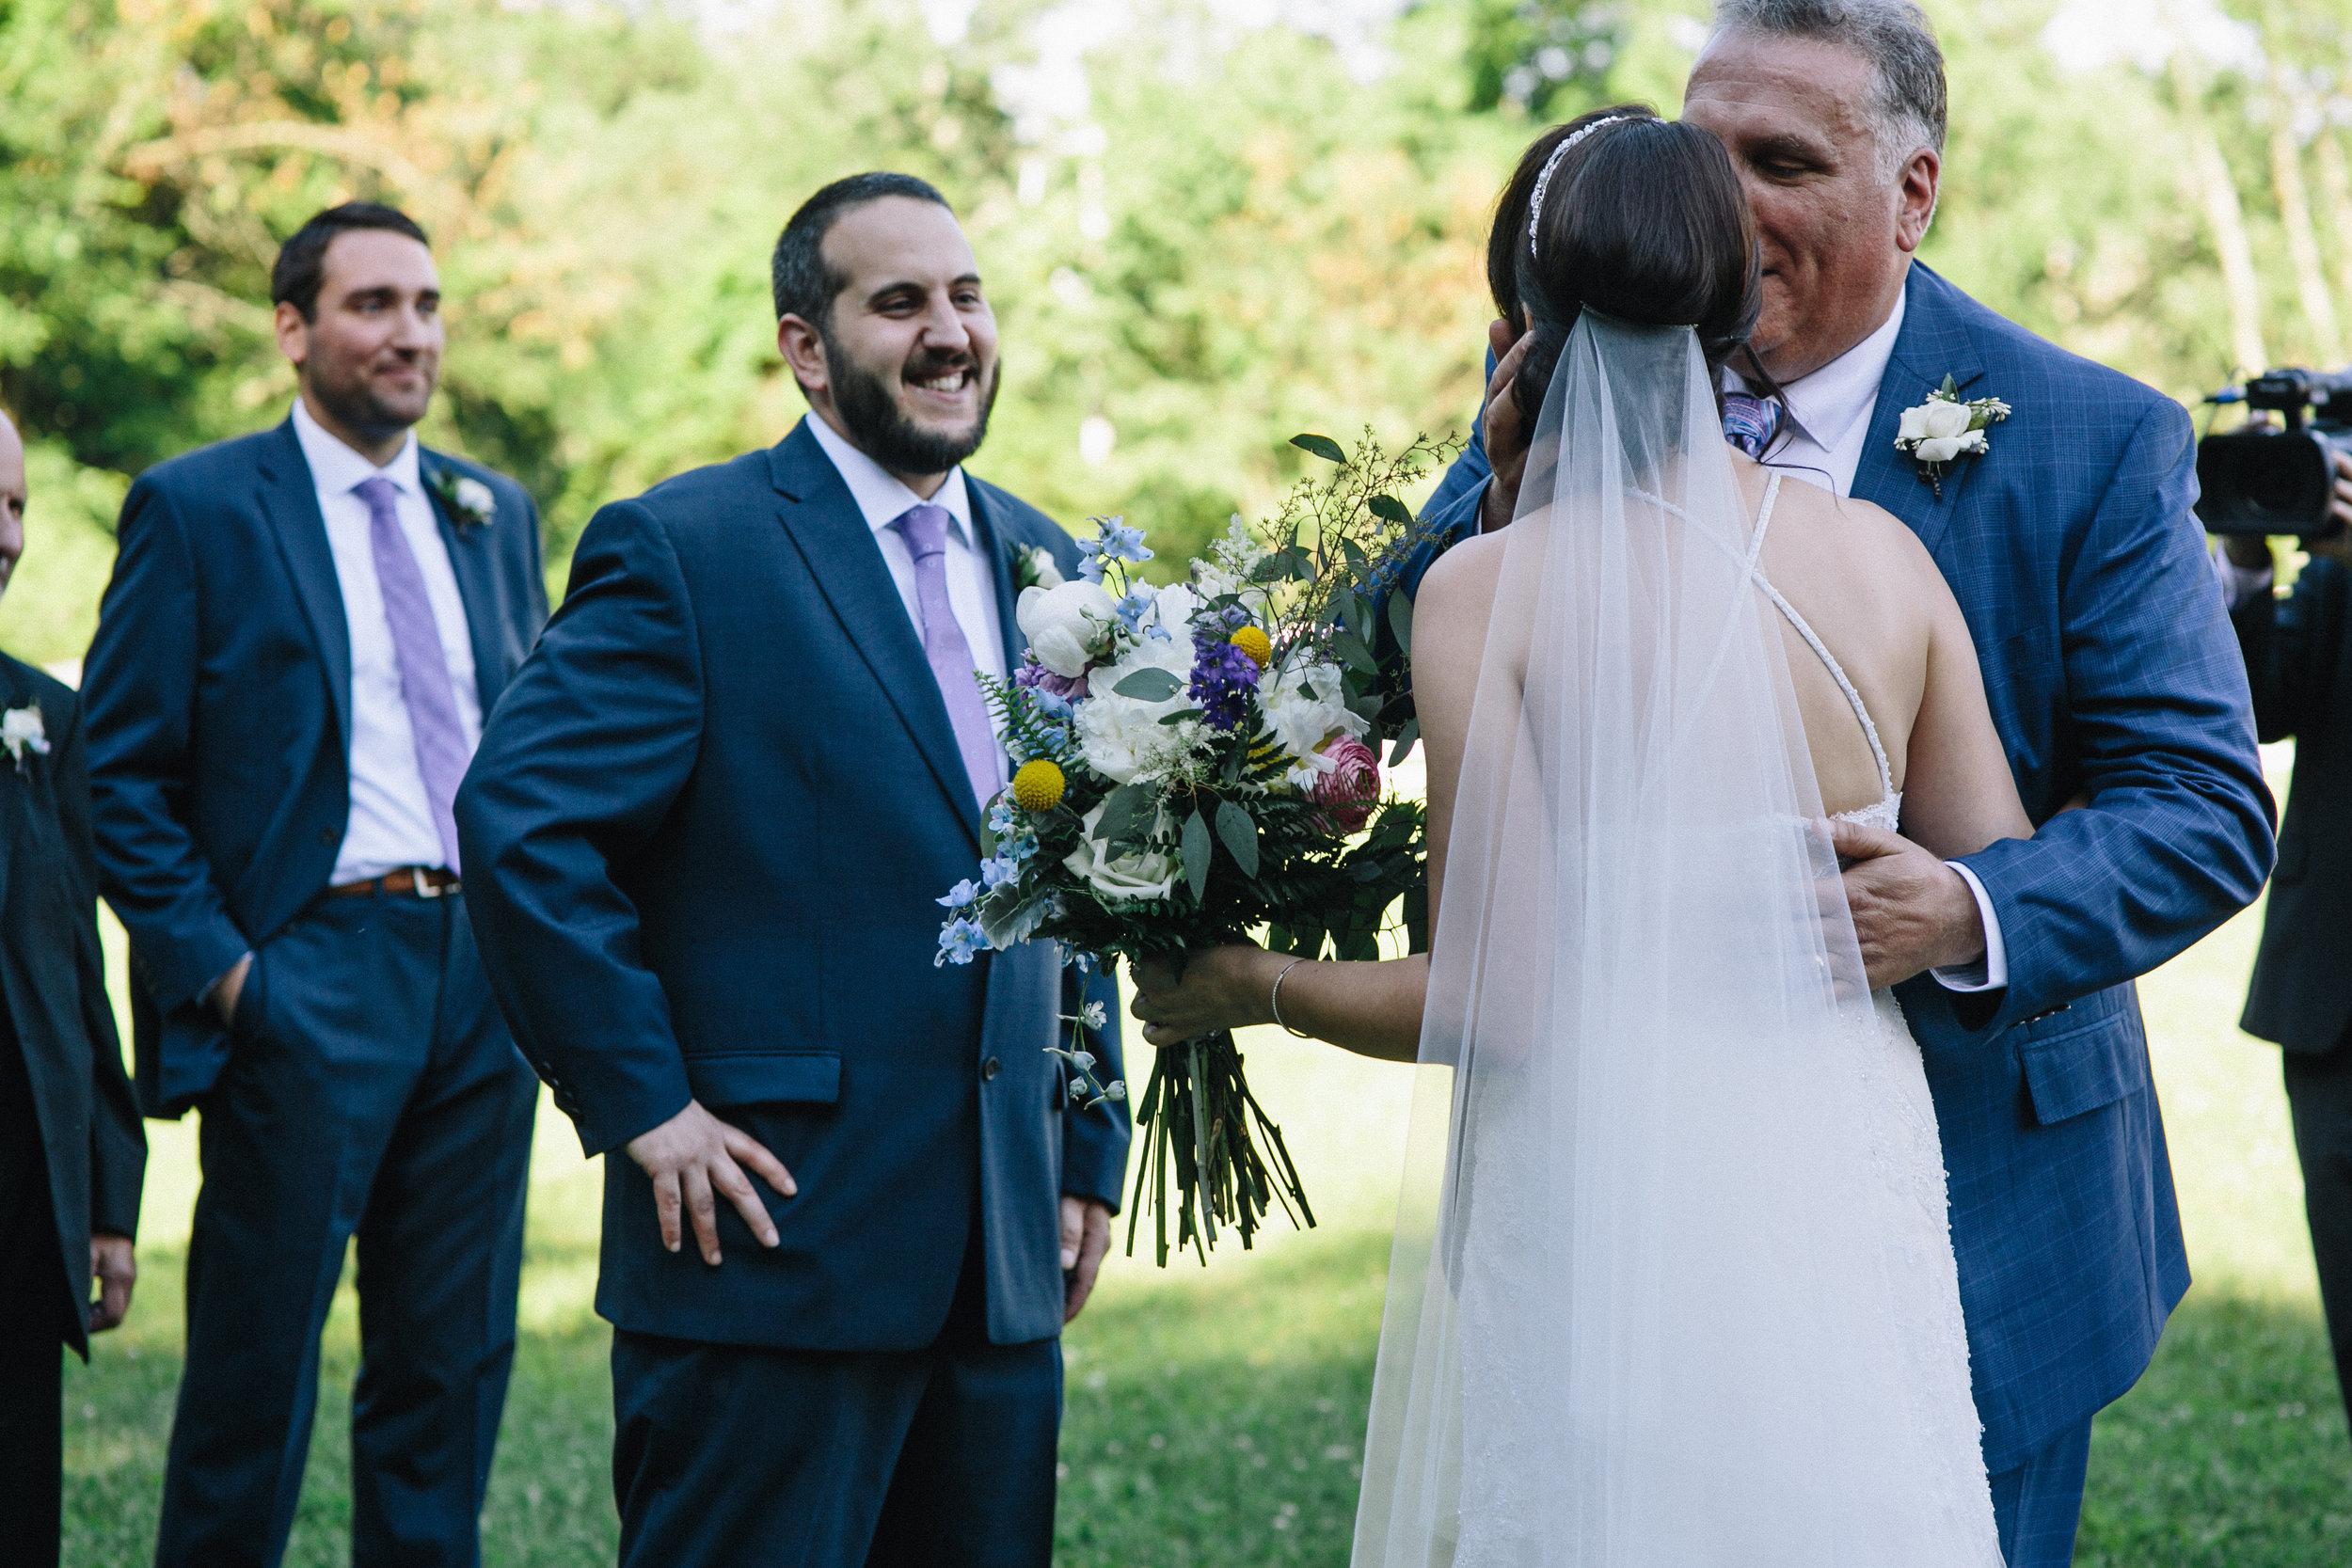 486_Jared_Kristen_wedding.jpg